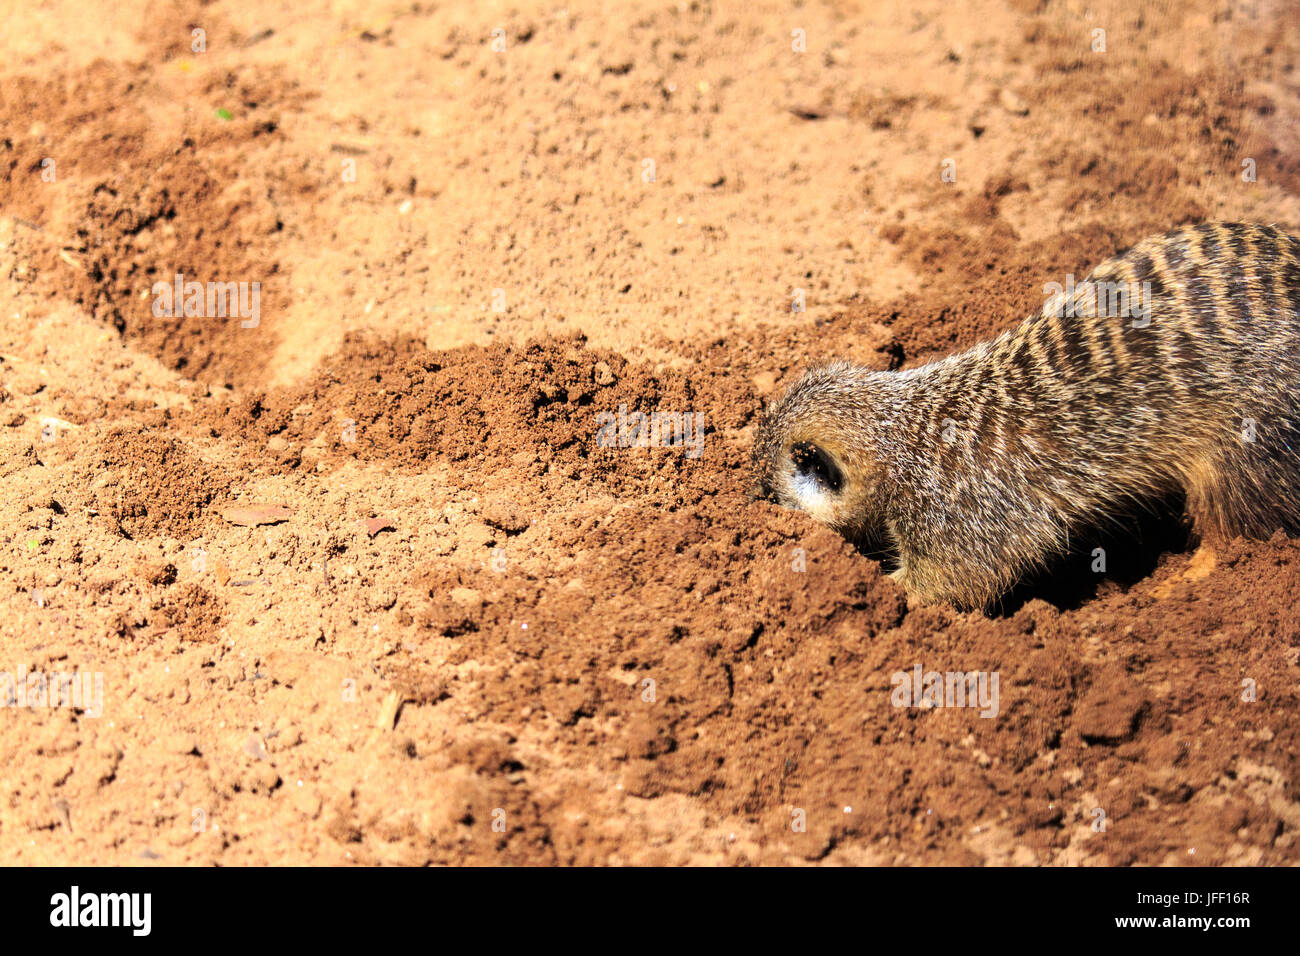 Erdmännchen Graben im Sand Taronga Zoo in Australien Stockbild